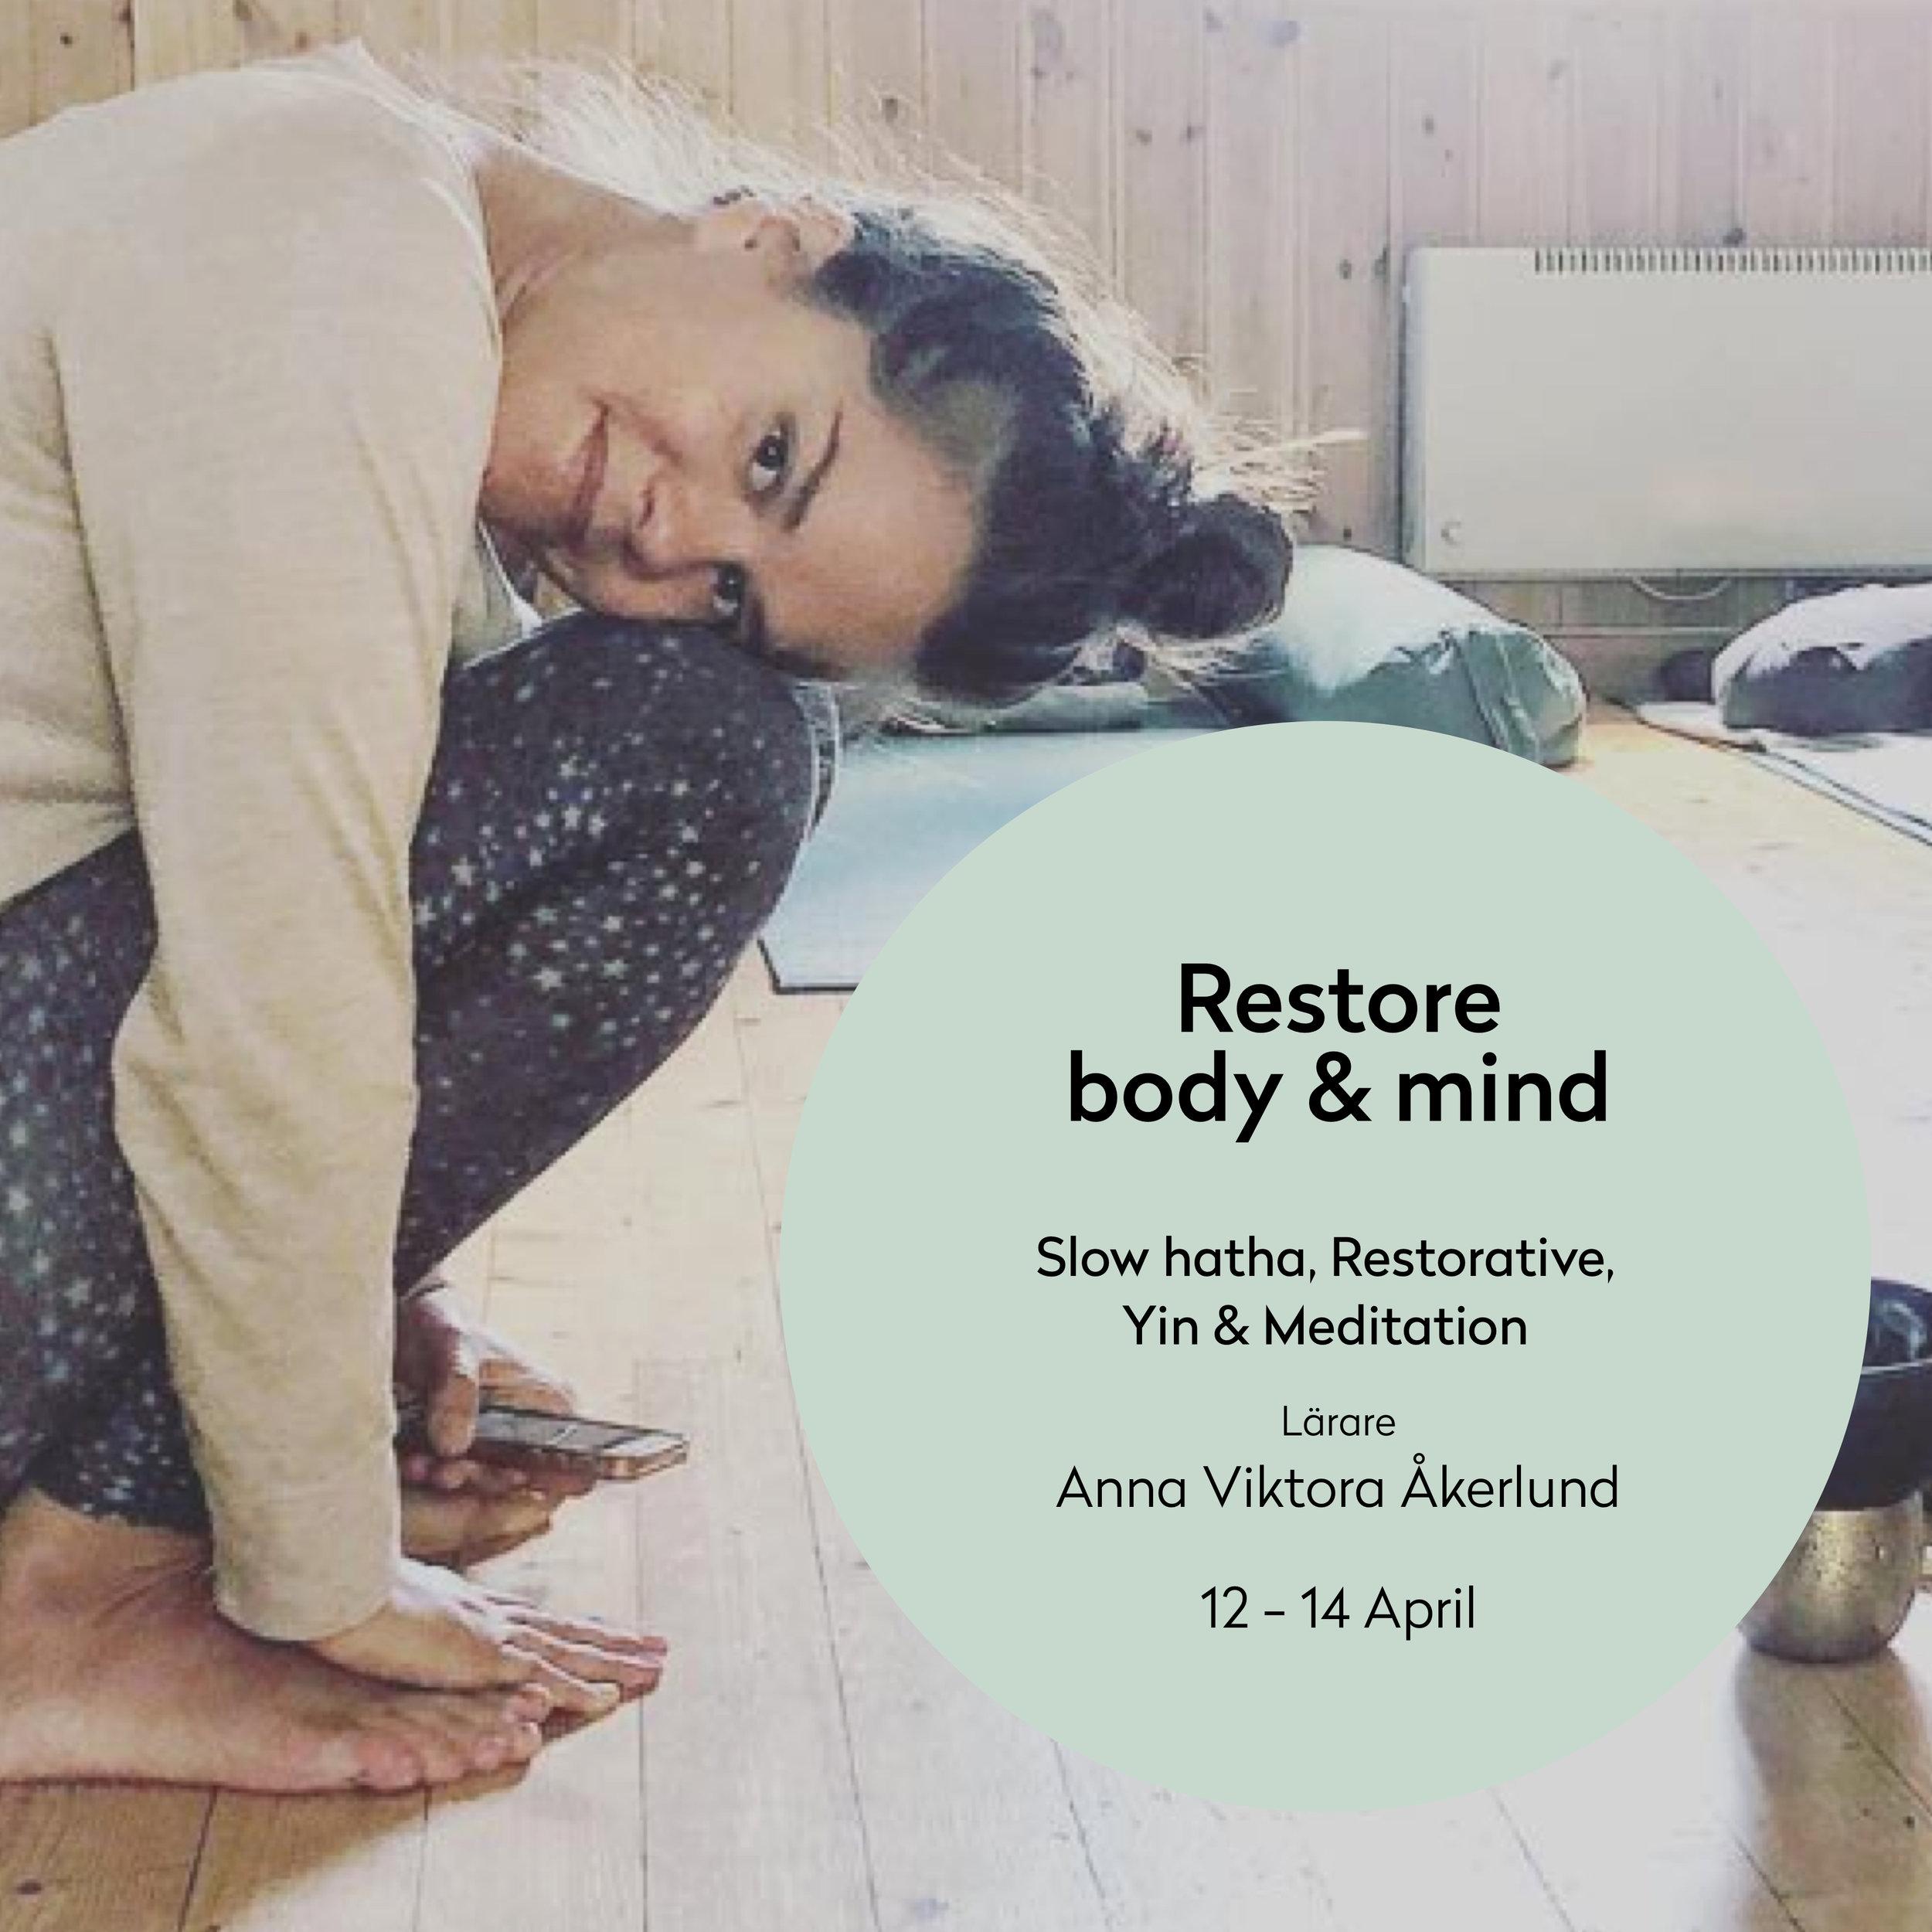 Restore body & mind - Helgen den 12 - 14 april är Anna Åkerlunds intention att skapa ett varmt utrymme för dig att att blicka inåt, känna efter och återskapa din egen balans i både kropp och sinne. Du får i lugn och ro ladda upp batterierna omgiven av vacker miljö med yoga (yin, restorative och slow hatha), meditation och fantastisk mat. Men framförallt, en helg där du bara får vara.Läs mer om retreatet här